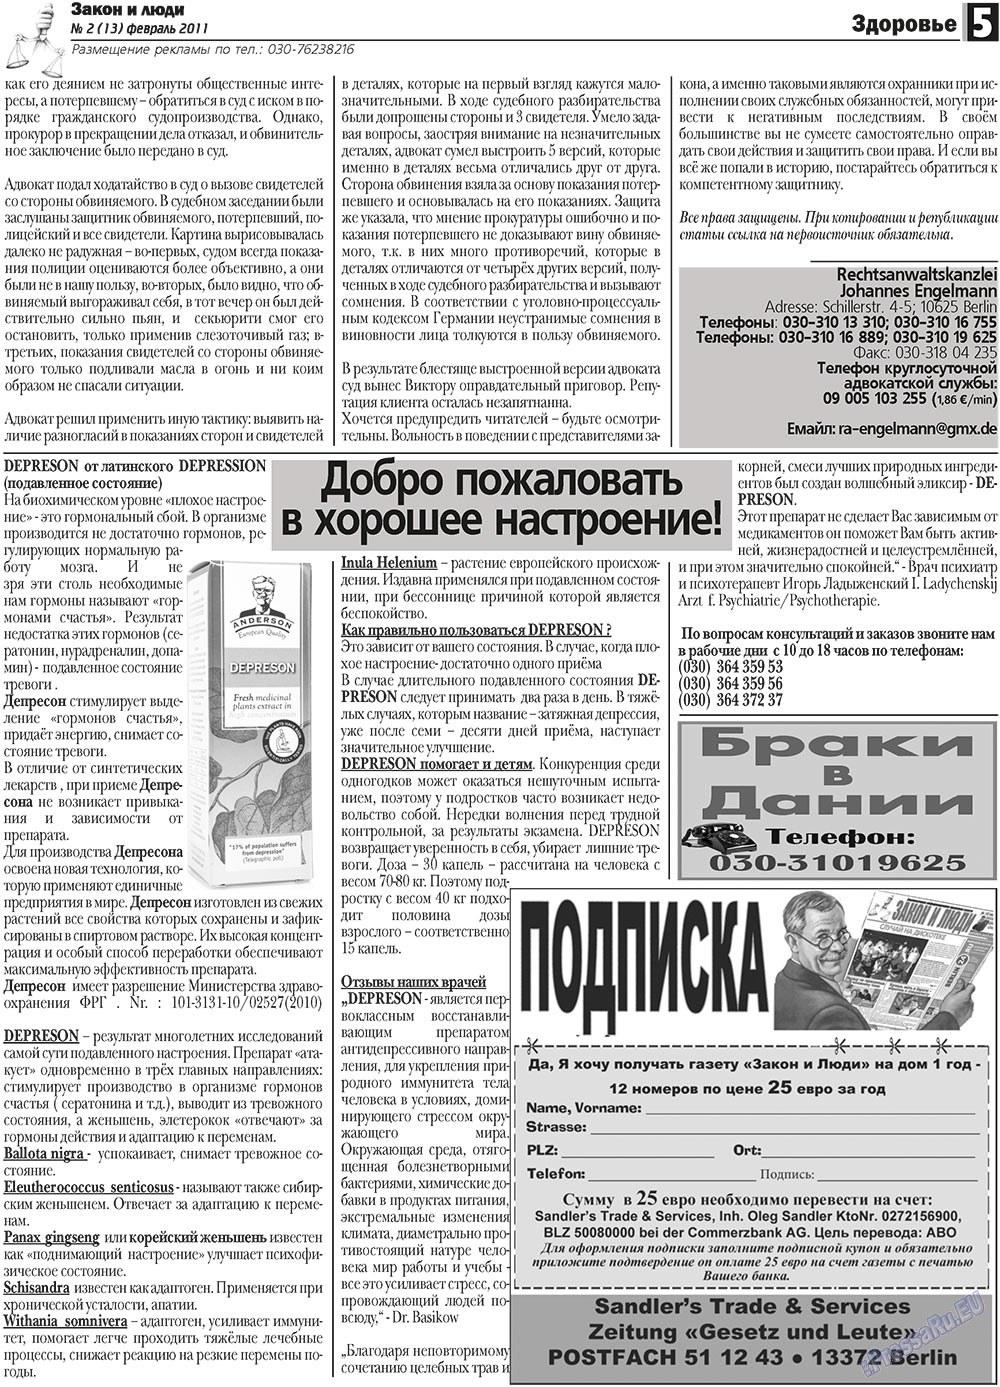 Закон и люди (газета). 2011 год, номер 2, стр. 5